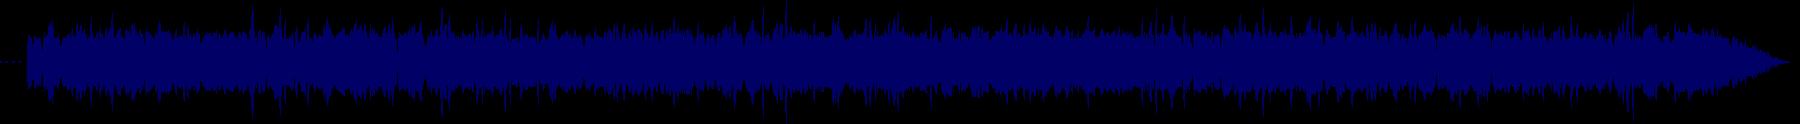 waveform of track #76793